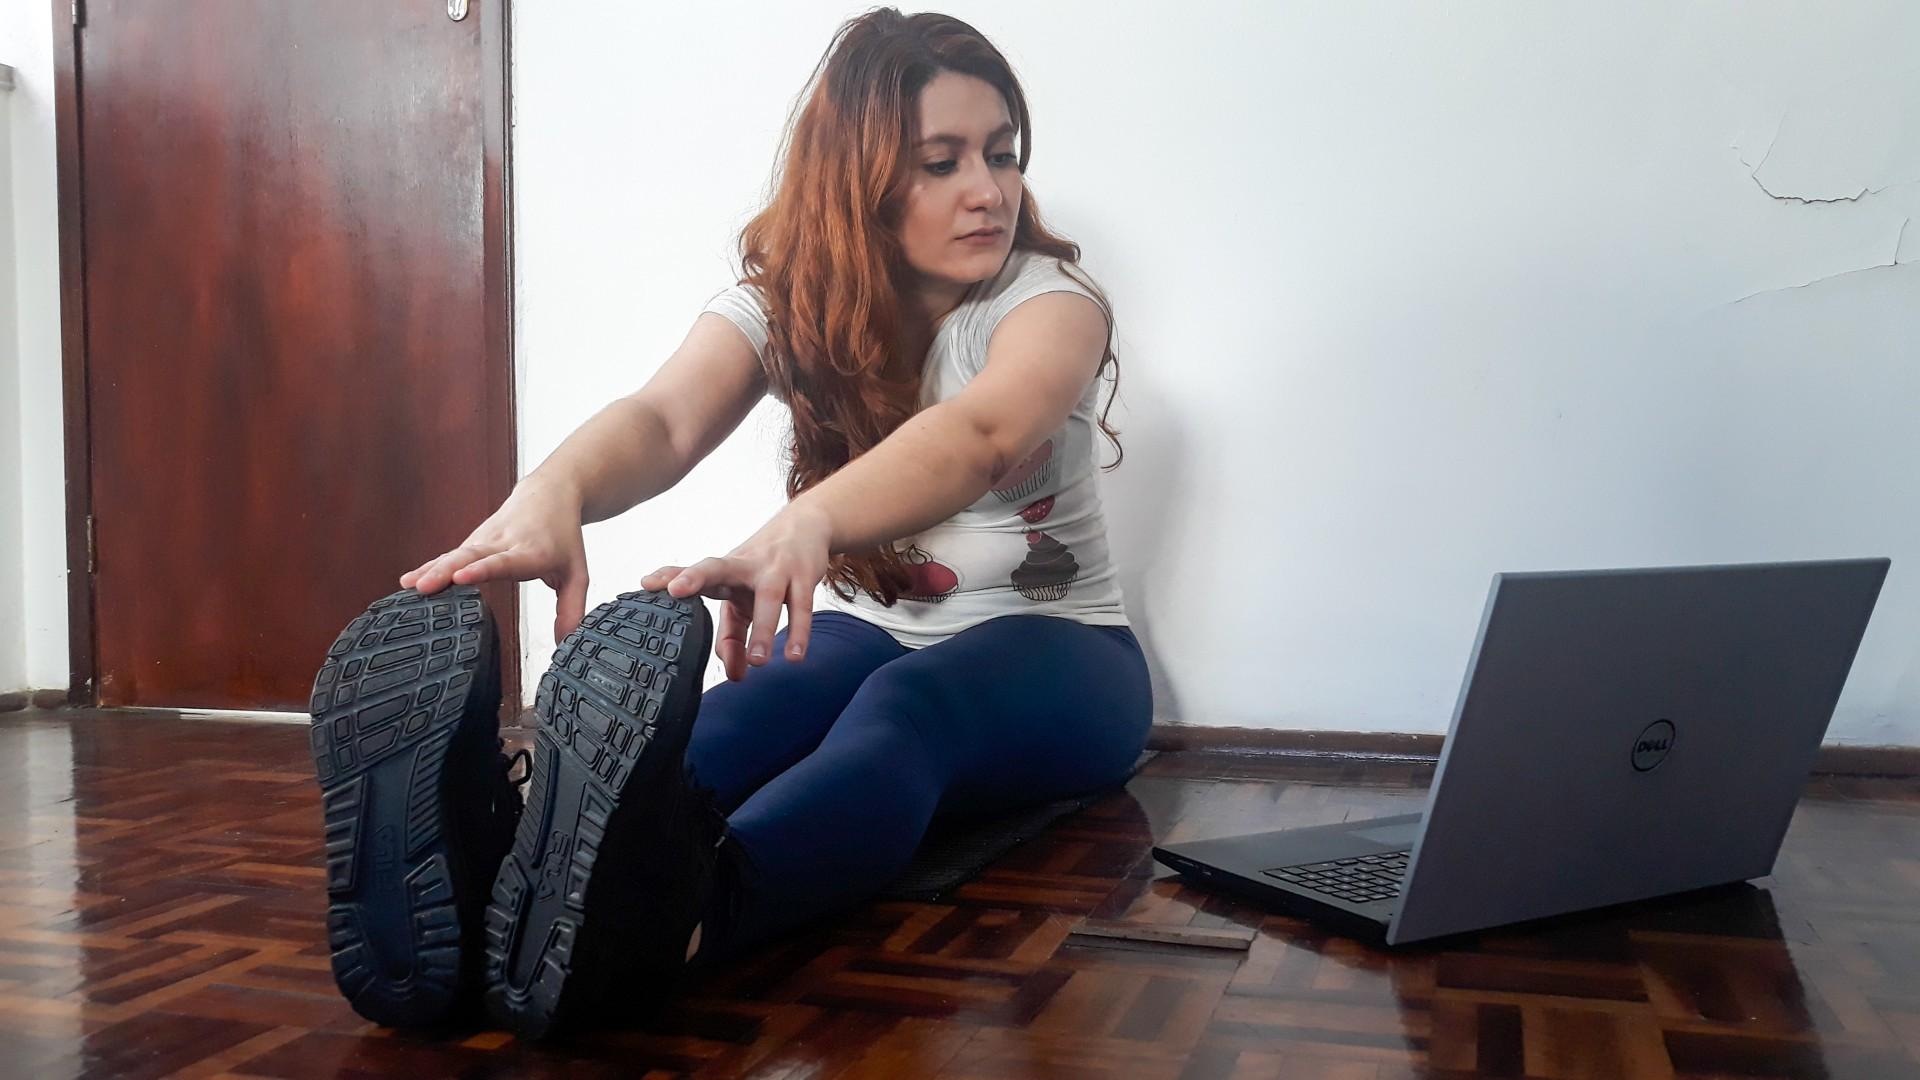 FORTALEZA, CE, 18-09-2020: Como driblar a ansiedade originada oela pandemia? Karla Pineiro, 24 anos que e estudante de medicina e passou a sentir os sintomas de ansiedade na pandemia usou de atividades como a leitura, a escrita e os exercicios fisicos para conseguir lidar com a ansiedade no contexto pandemico.  Fortaleza. (BARBARA MOIRA/ O POVO)